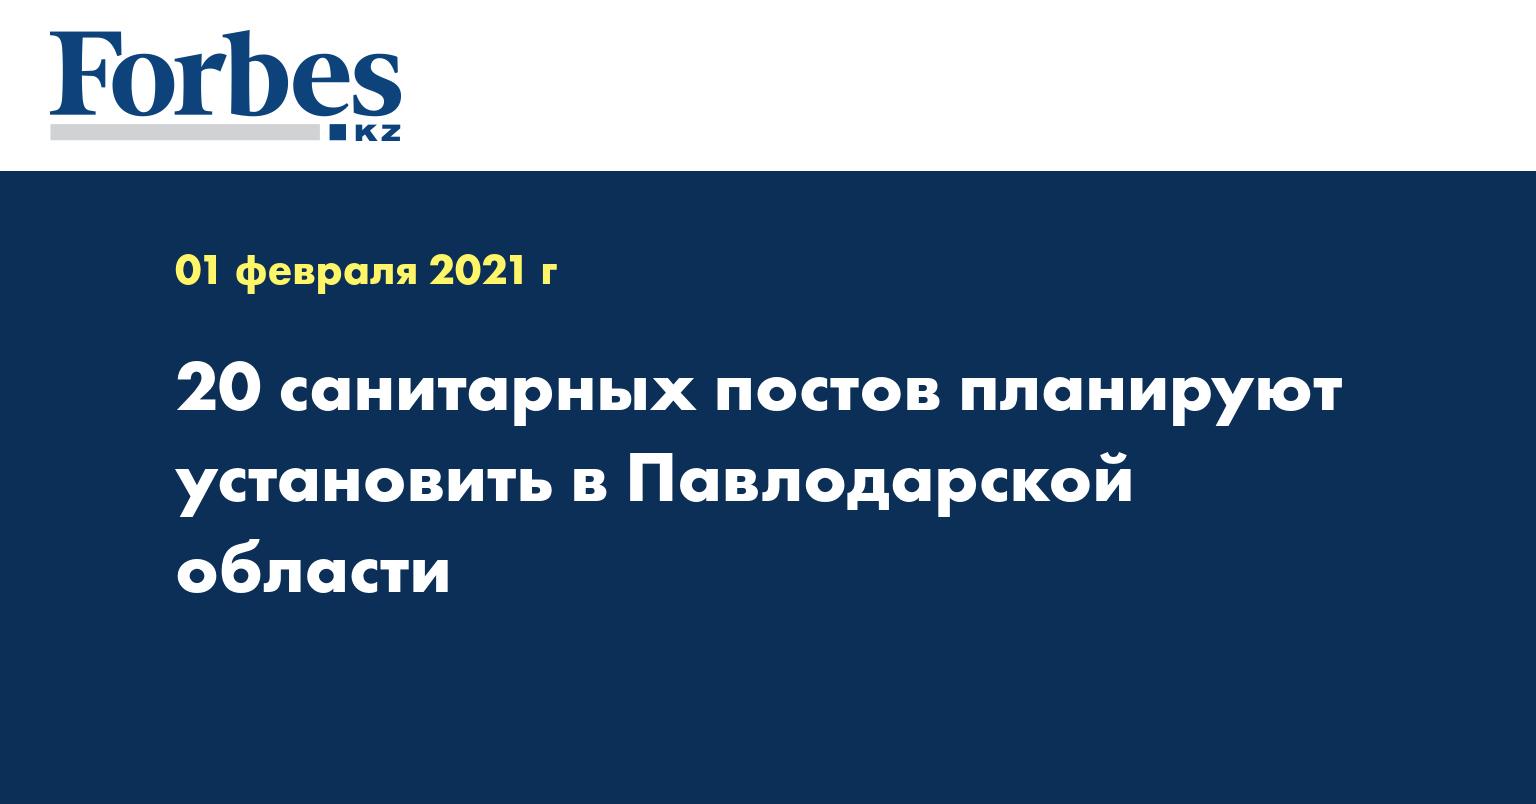 20 санитарных постов планируют установить в Павлодарской области